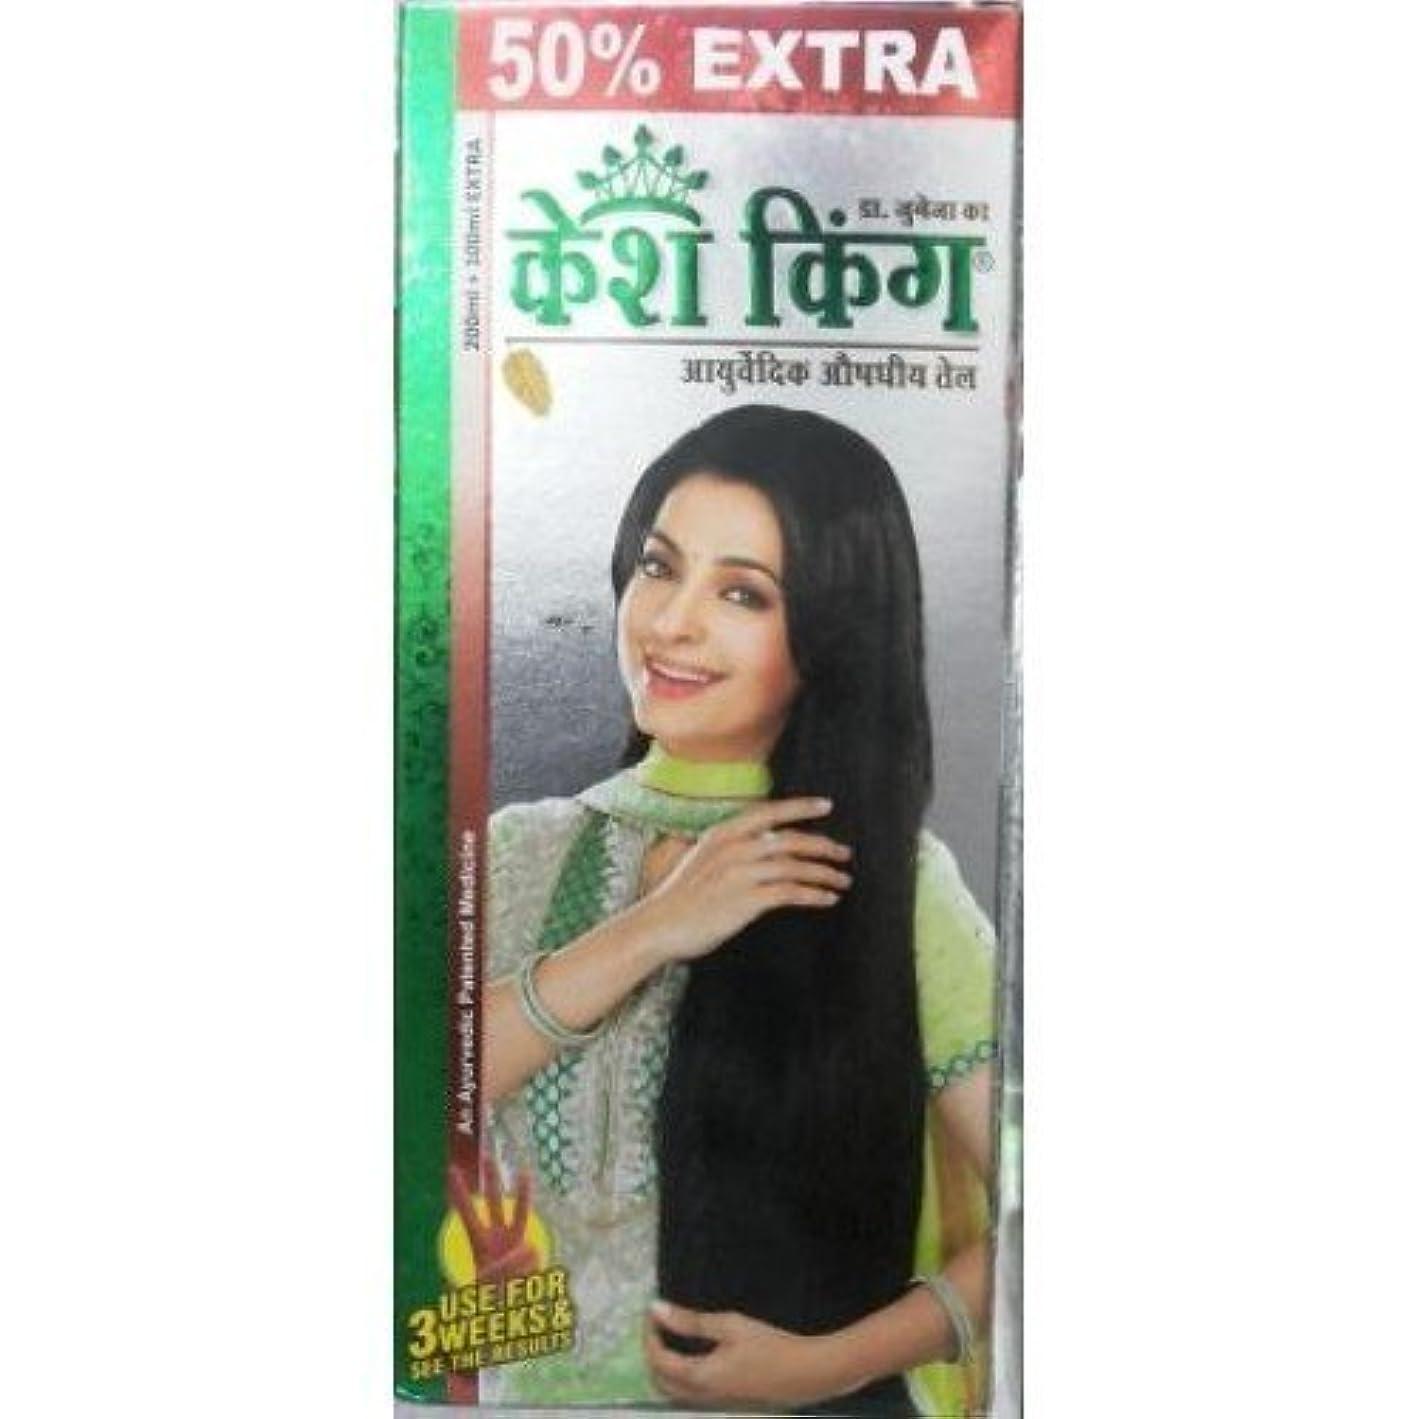 リラックスしたスーパーマーケットトラフKesh King Hair Oil 200ml by Kesh king [並行輸入品]